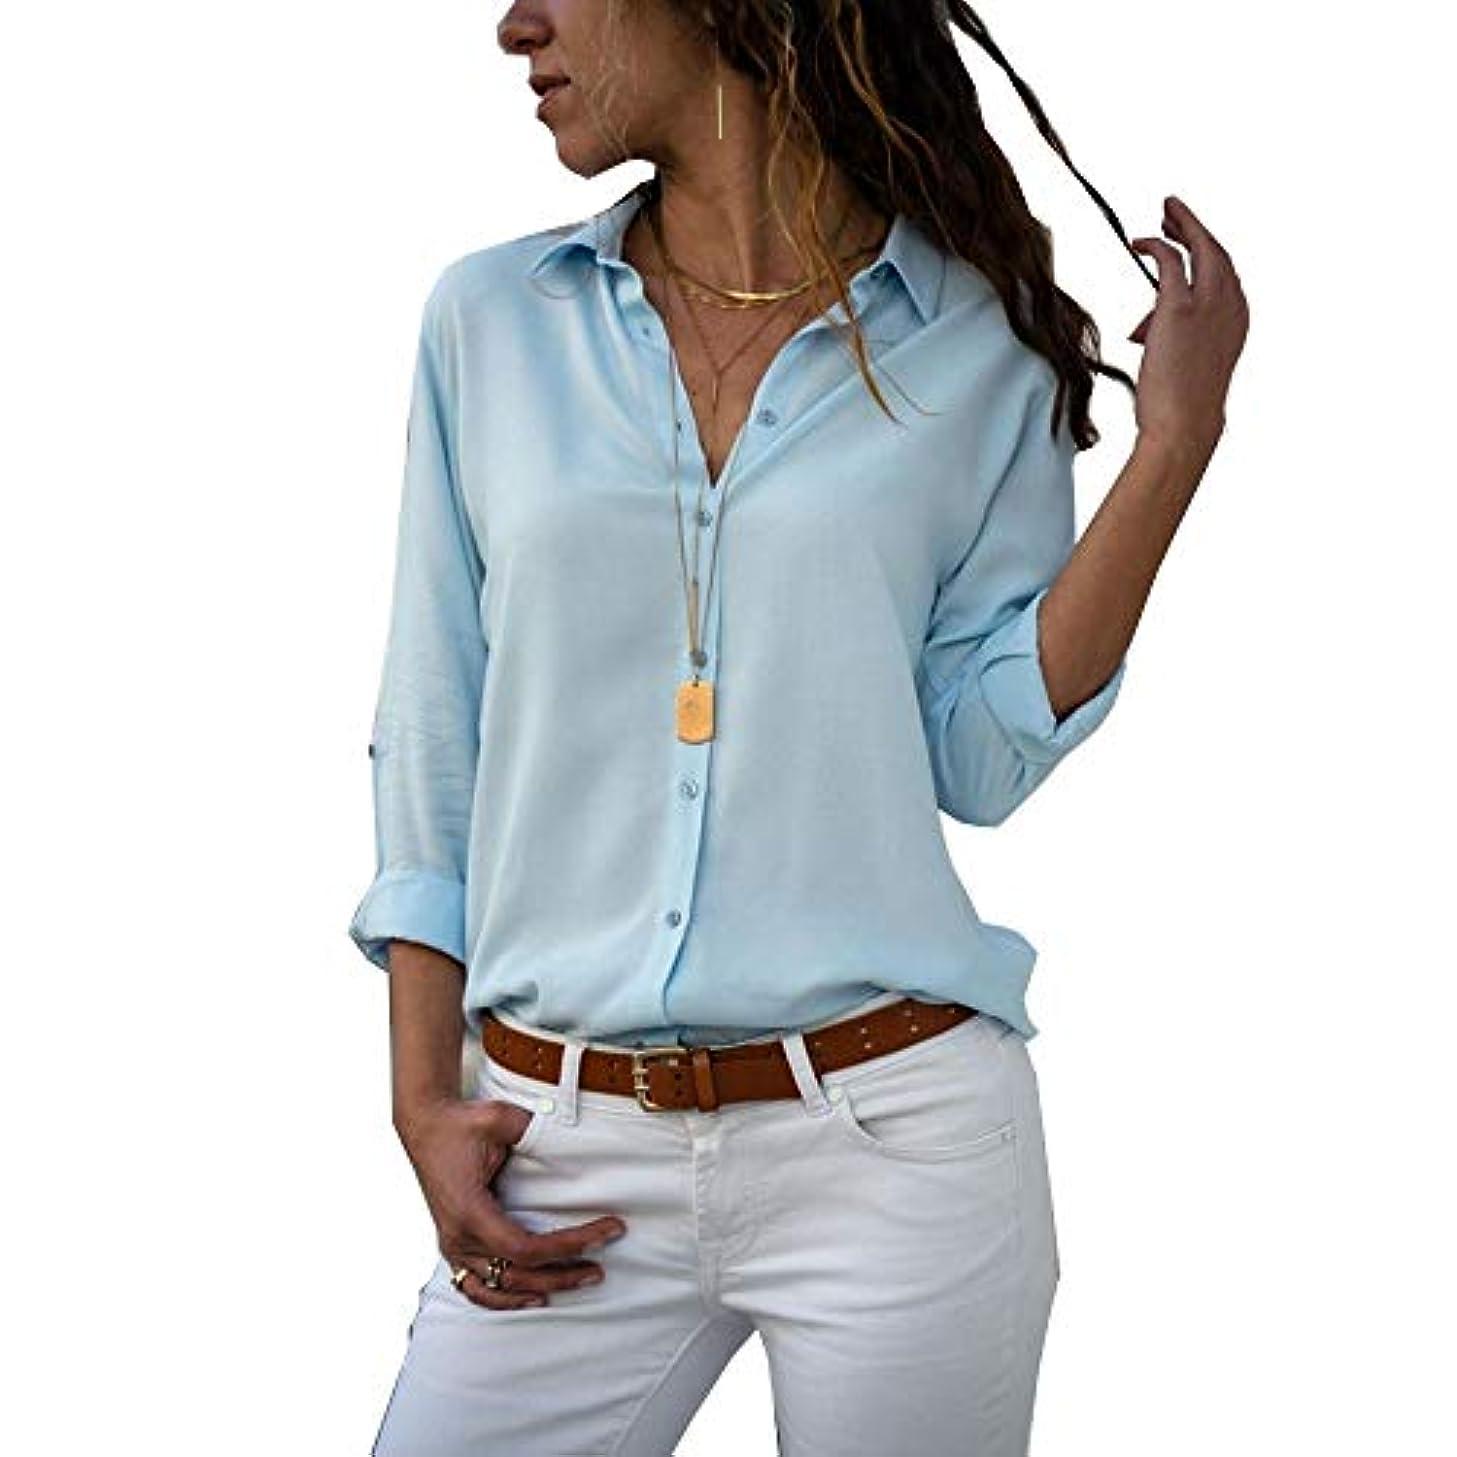 つぶす十代スツールMIFAN ルーズシャツ、トップス&Tシャツ、プラスサイズ、トップス&ブラウス、シフォンブラウス、女性トップス、シフォンシャツ